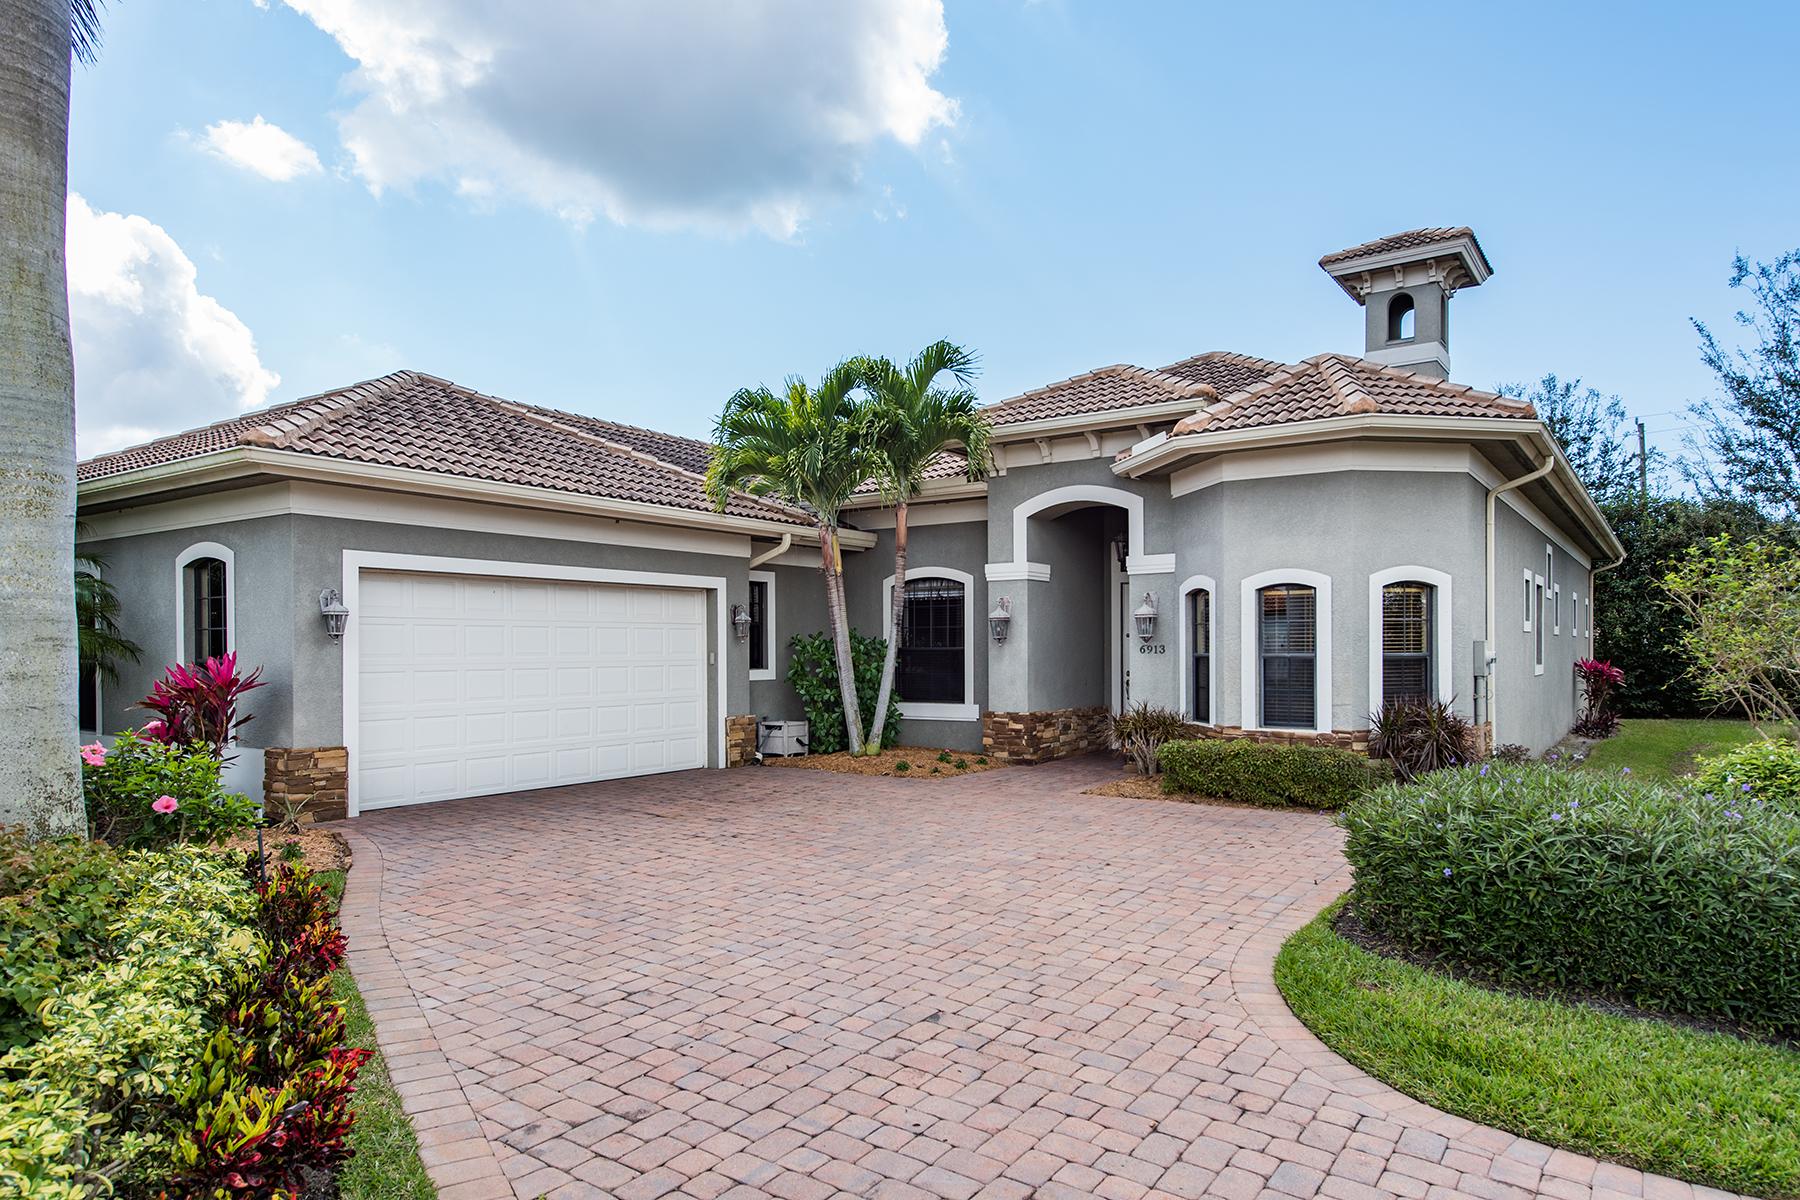 Частный односемейный дом для того Продажа на IL REGALO CIRCLE - IL REGALO 6913 Il Regalo Cir Naples, Флорида, 34109 Соединенные Штаты